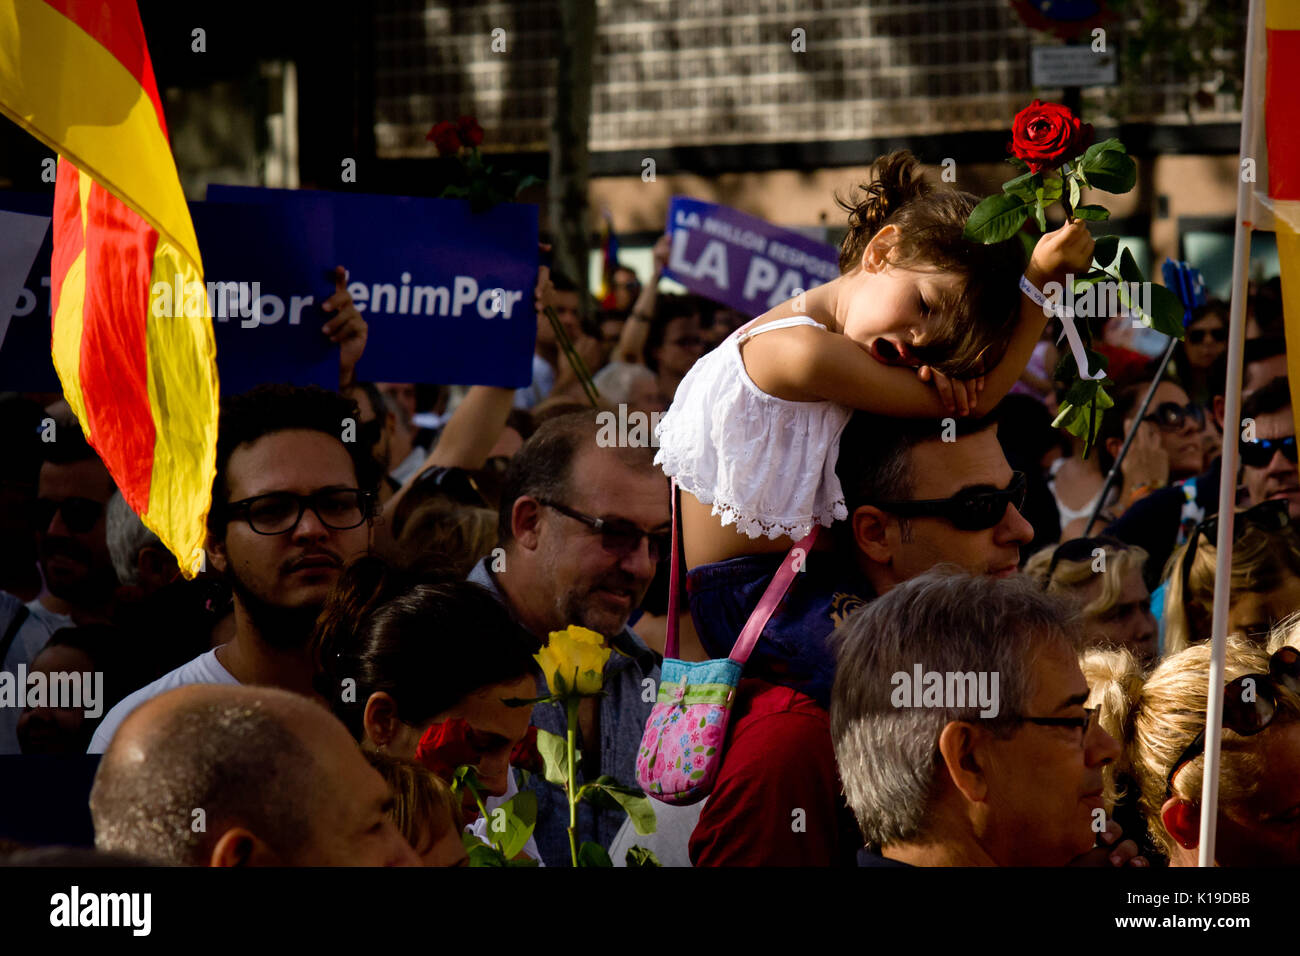 Agosto 26, 2017 - Barcellona, in Catalogna, Spagna - a Barcellona un bambino tiene una rosa nel corso di un mese Foto Stock